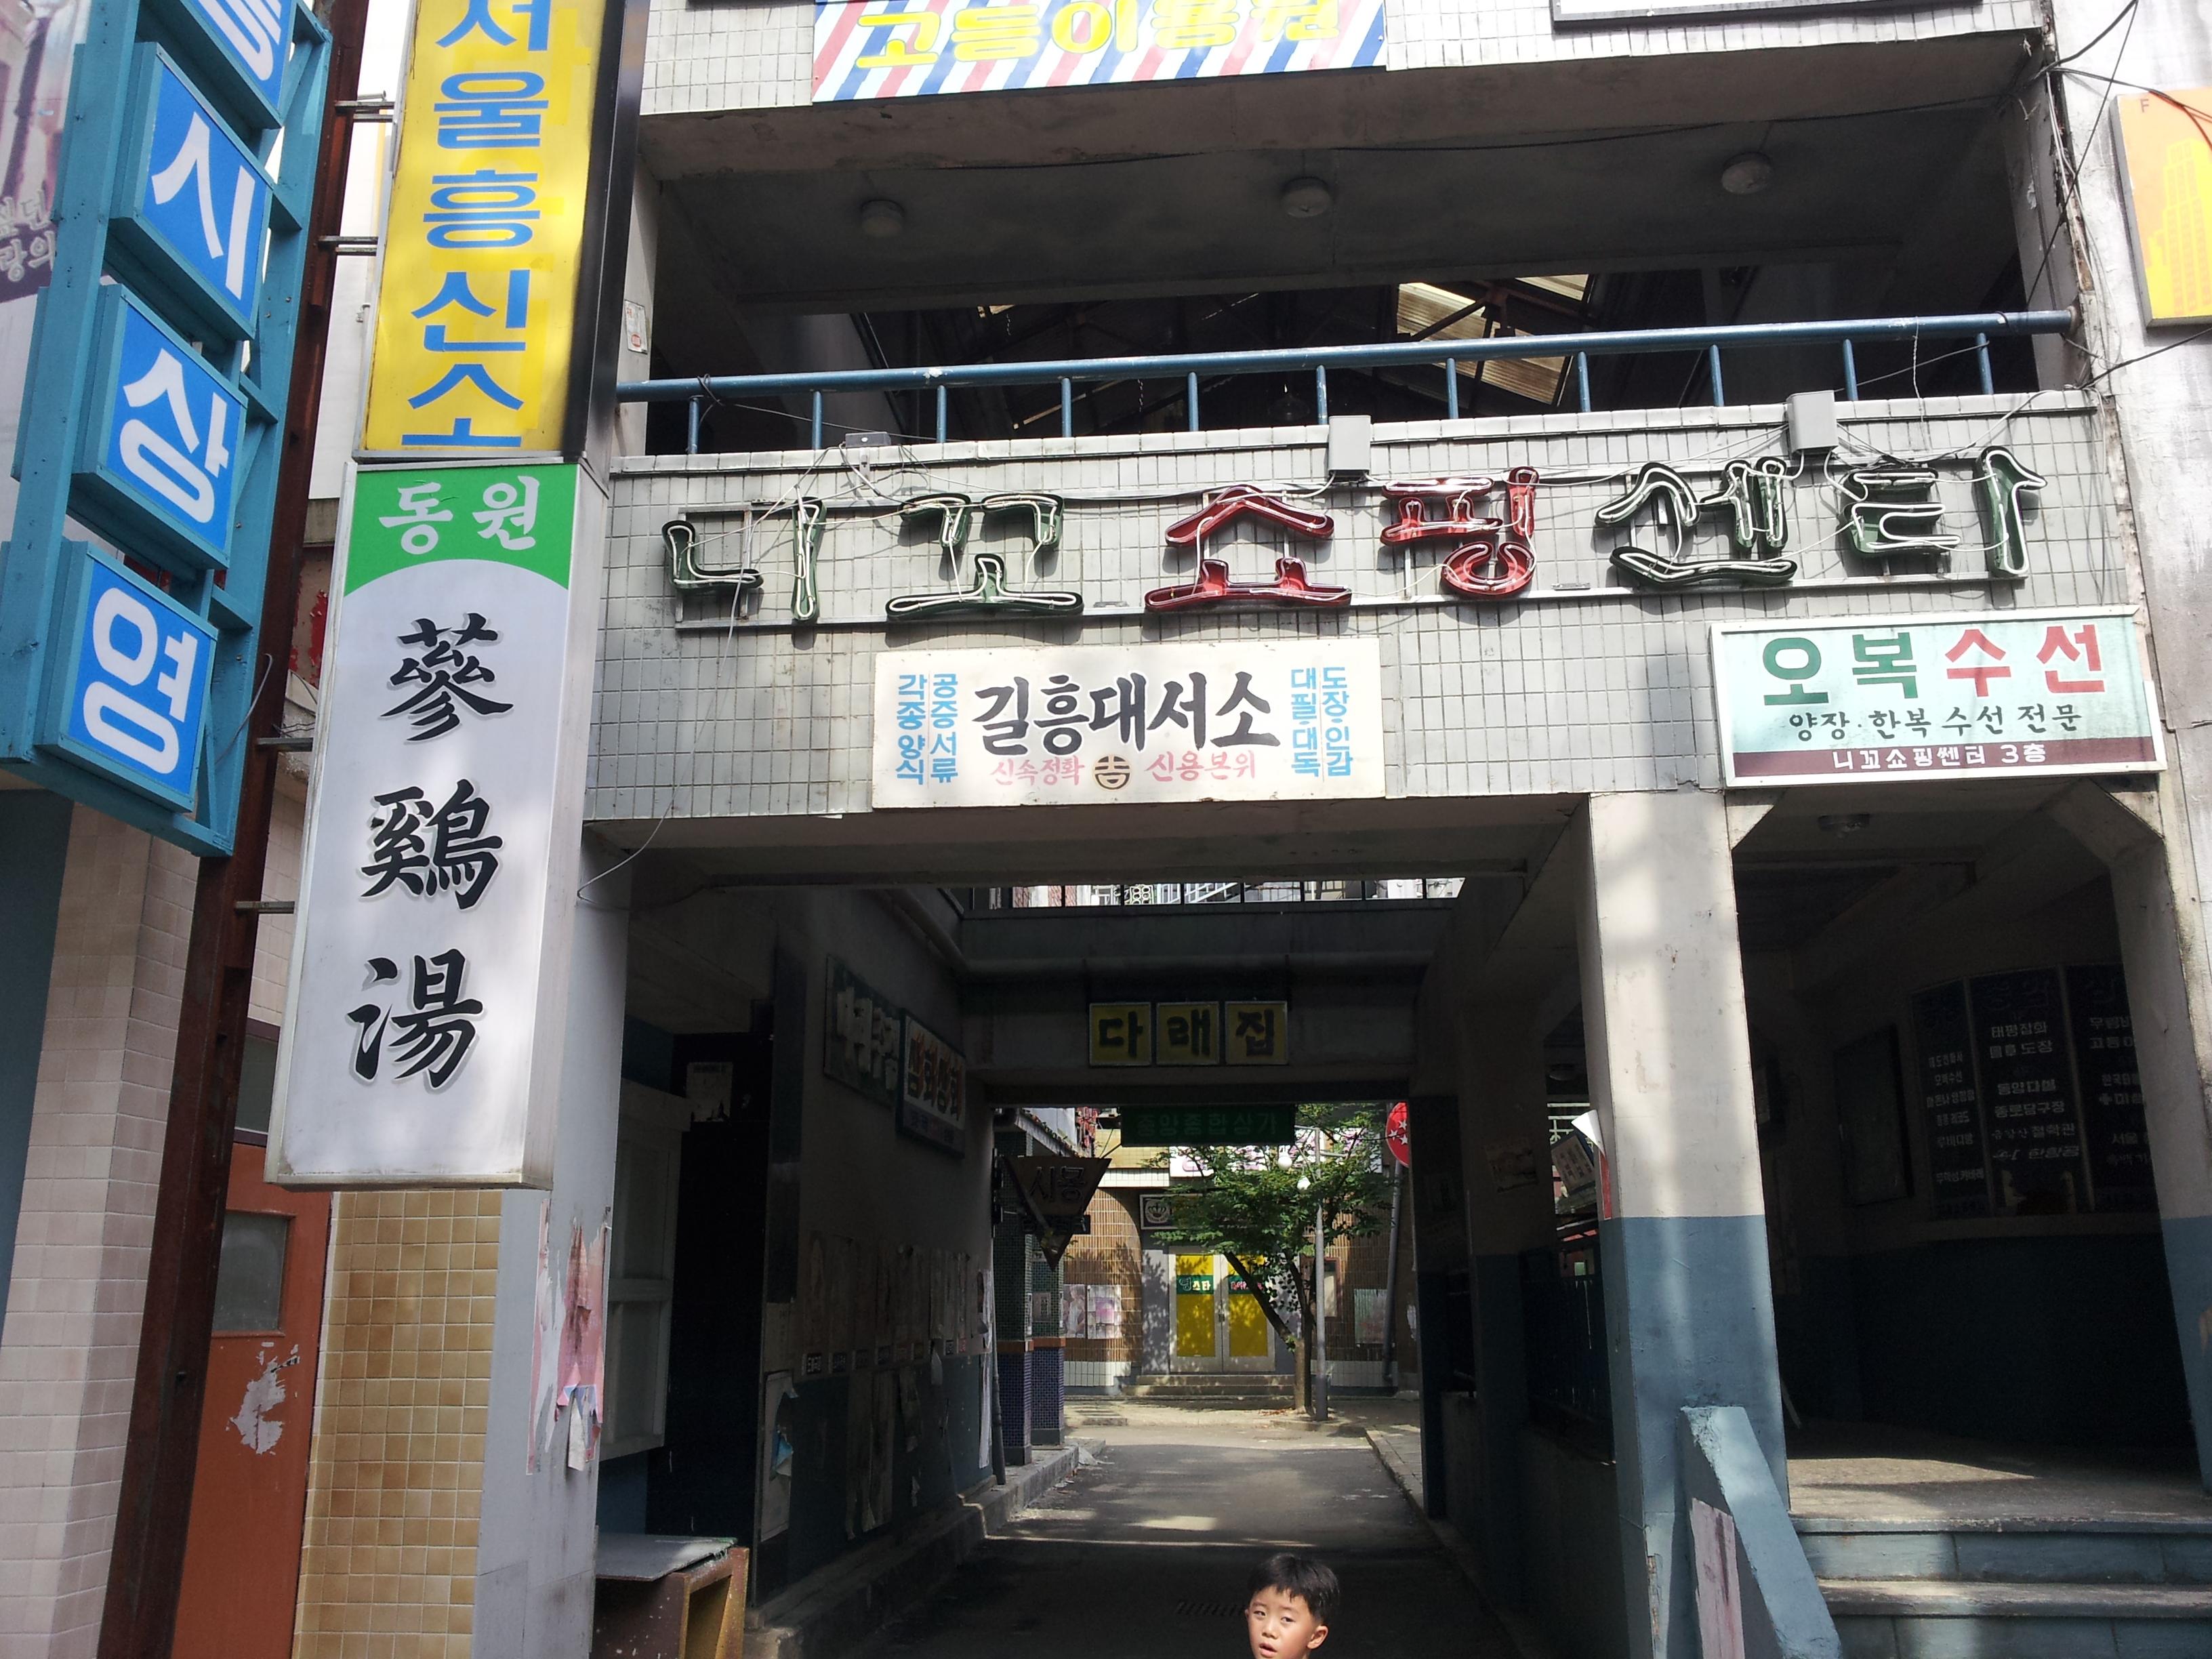 20120812_152236.jpg